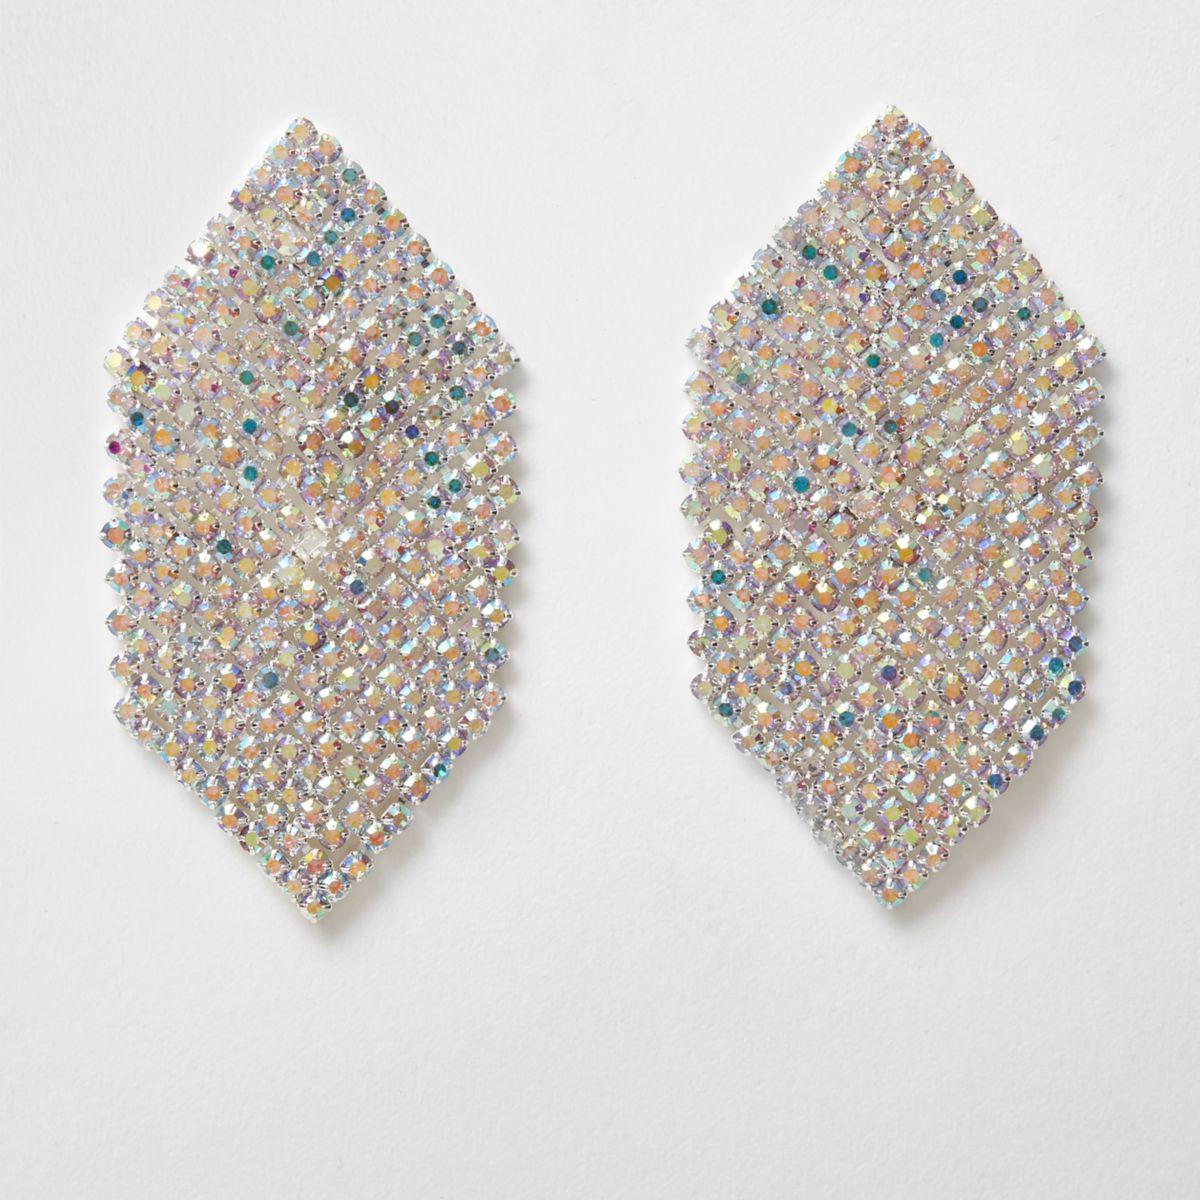 Silver tone diamante hexagon drop earrings